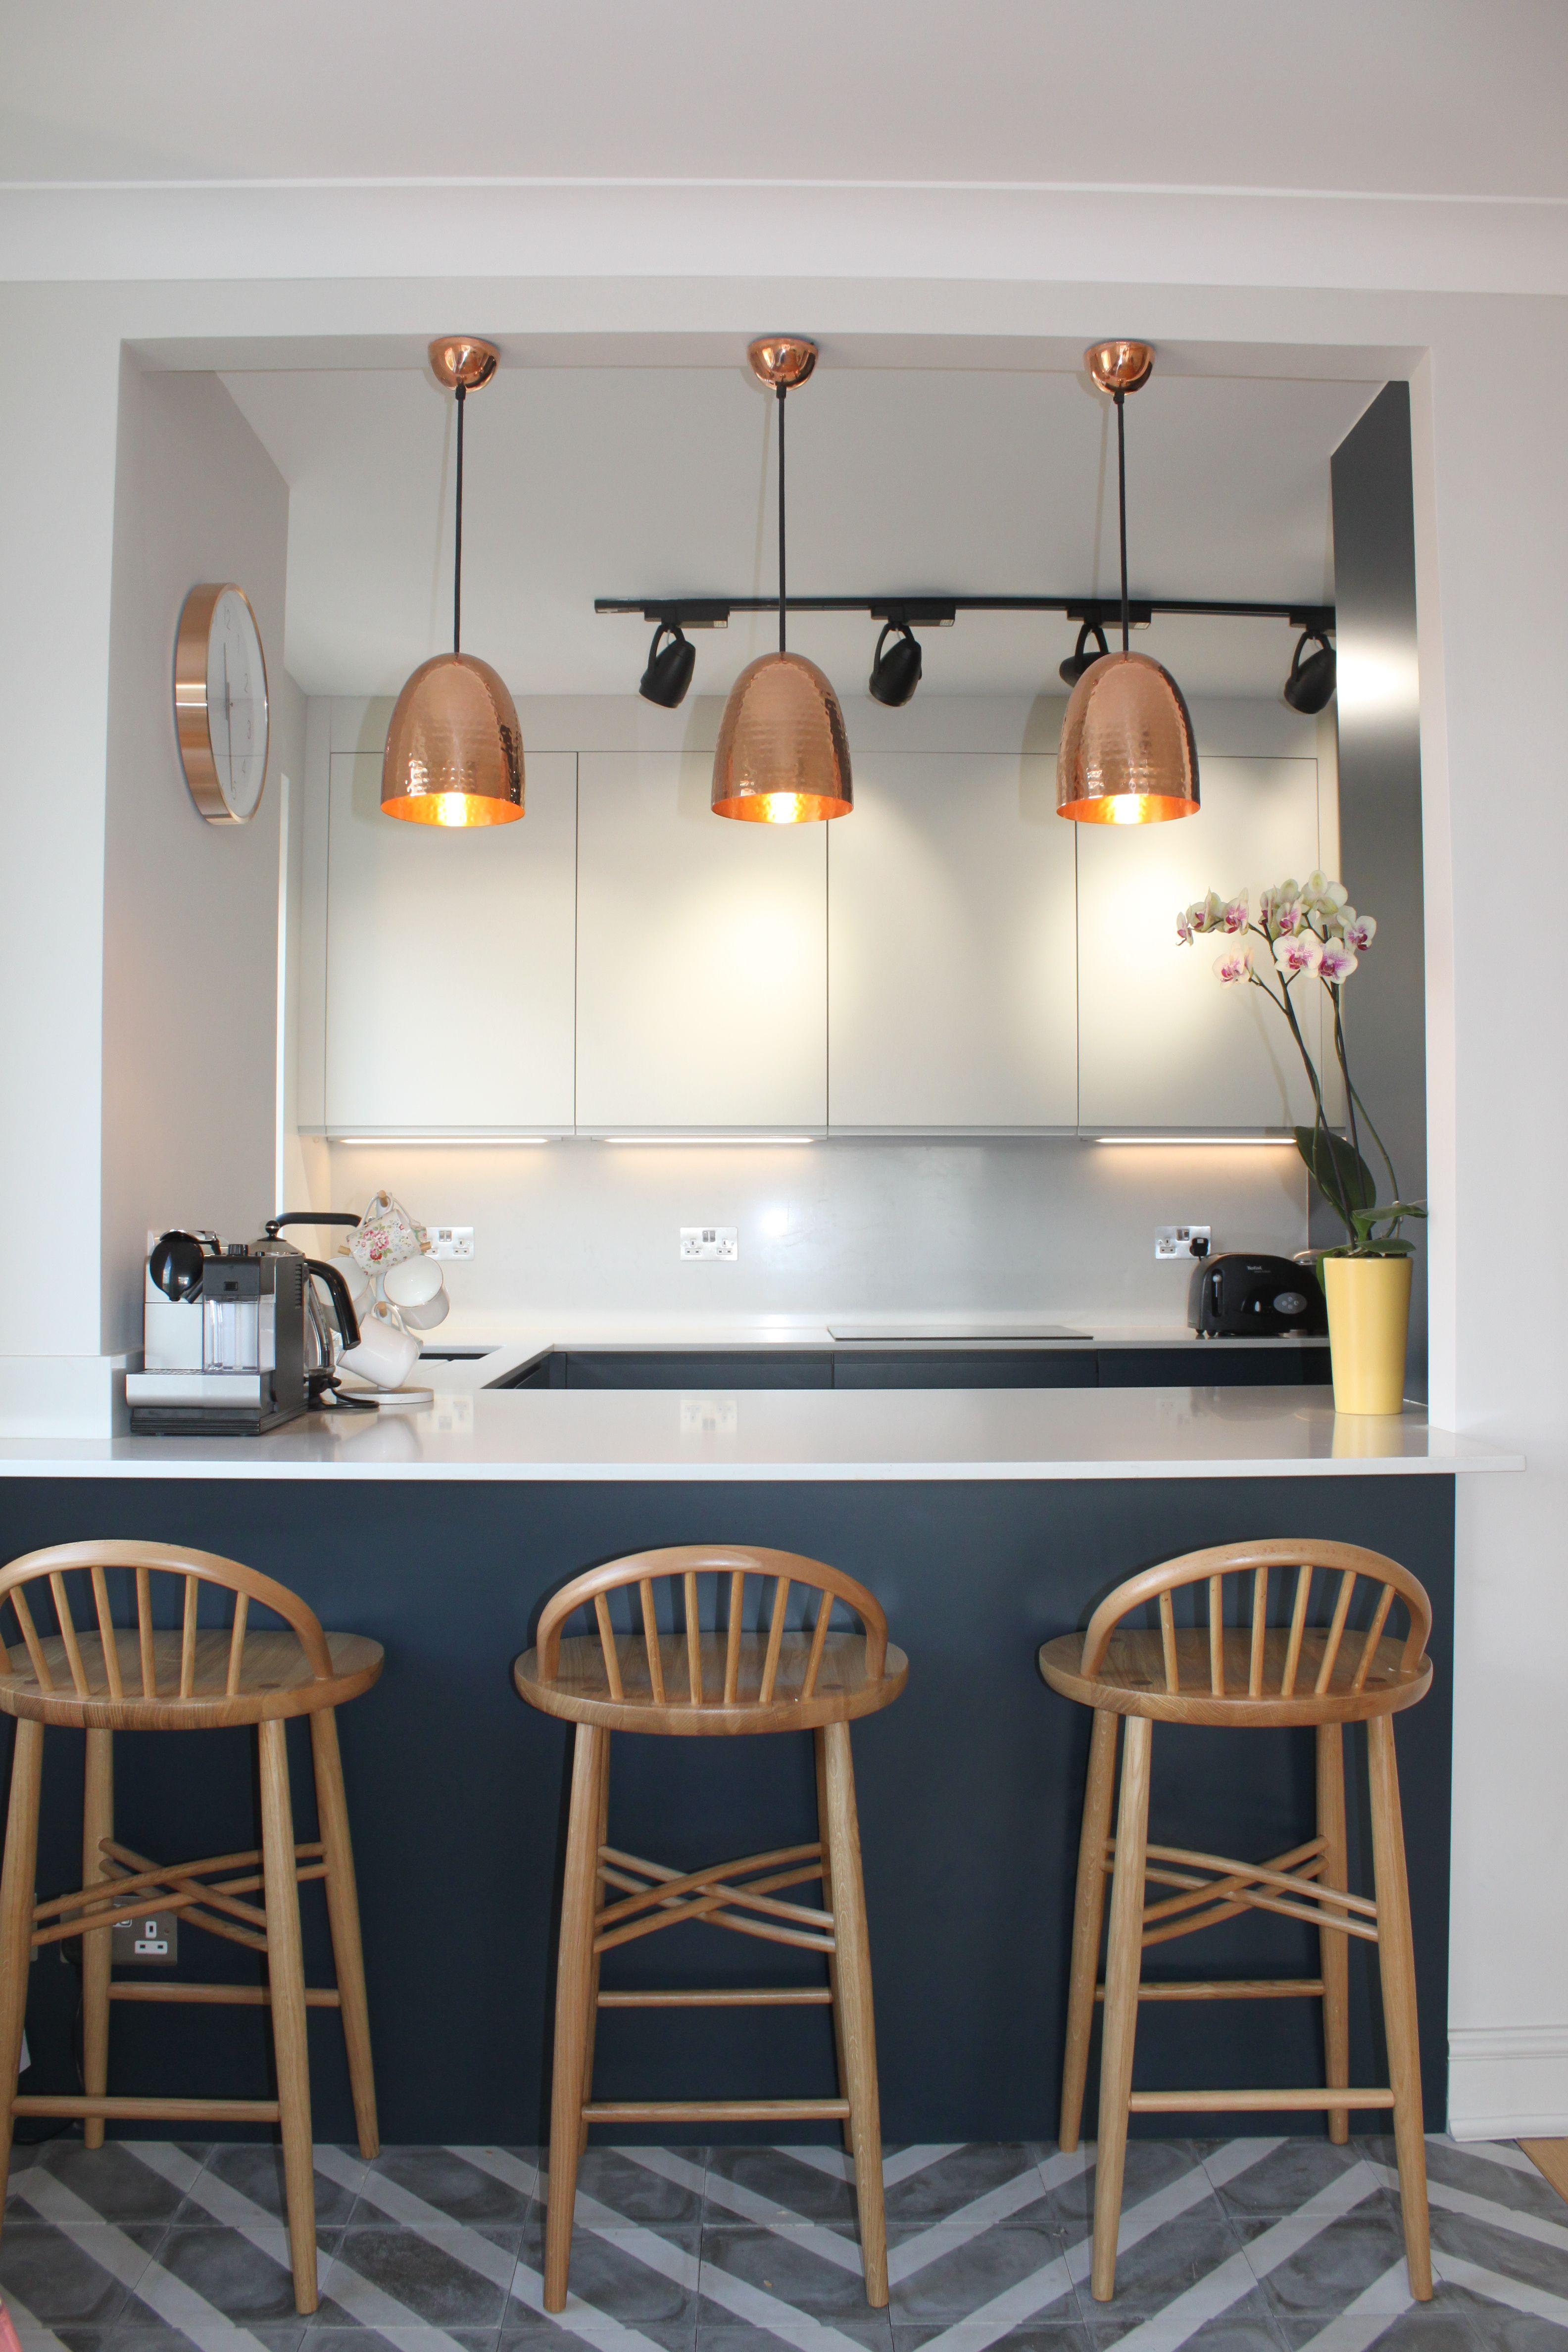 die besten 25 john lewis kitchen ideen auf pinterest landhausk che john lewis beleuchtung. Black Bedroom Furniture Sets. Home Design Ideas